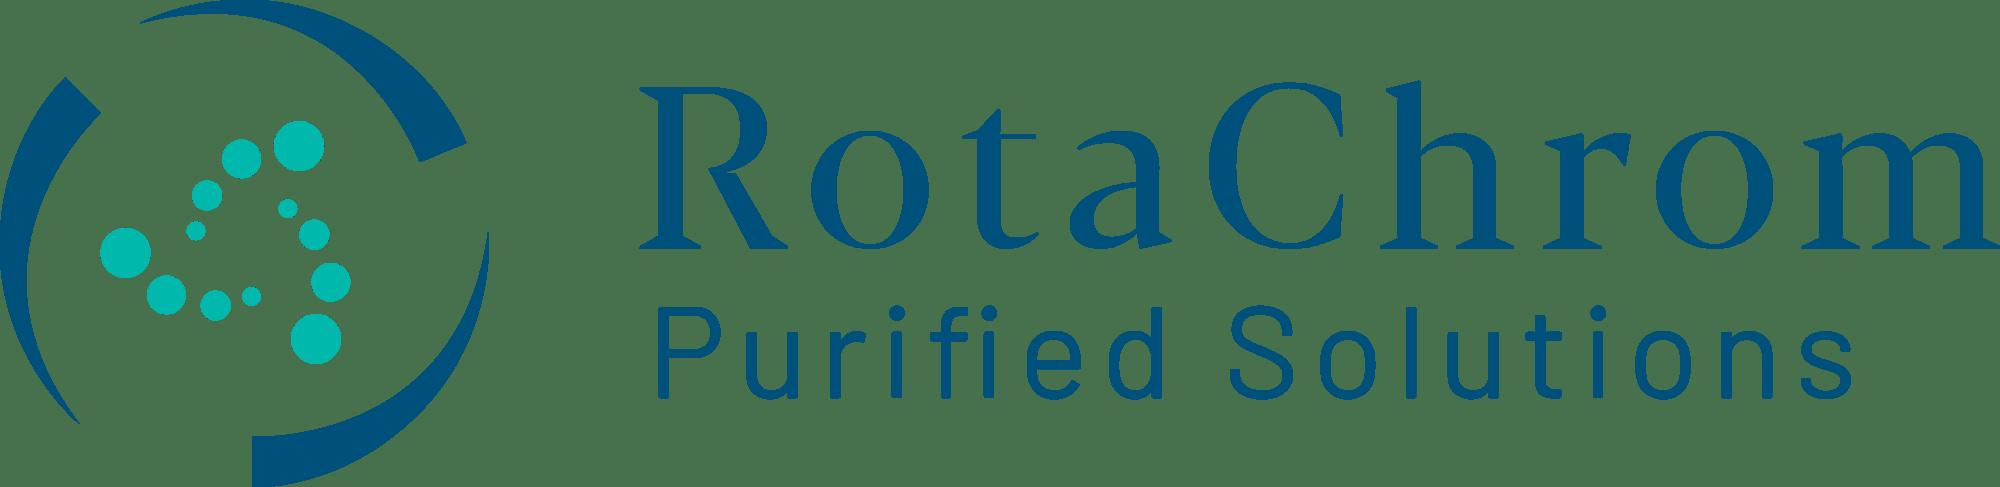 rotachrom_logo-1